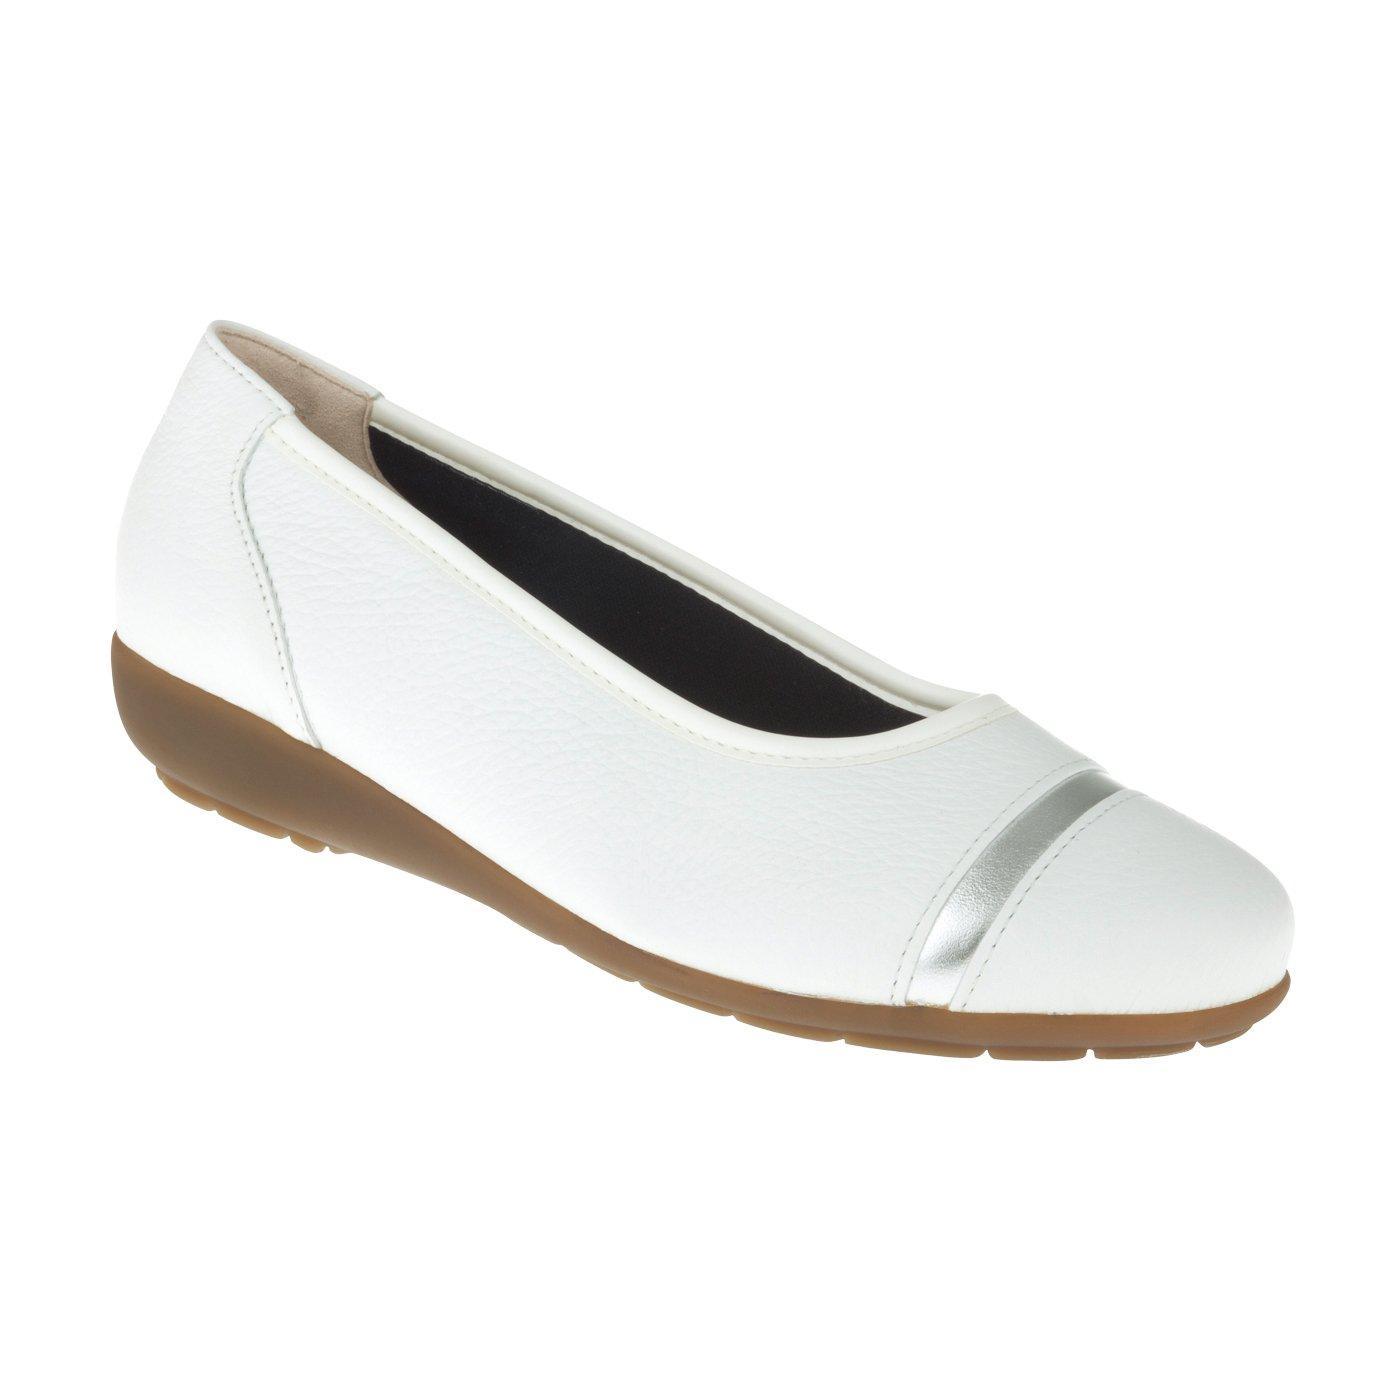 Tessamino Damen Ballerina aus Hirschleder | elegant | Weite H Weiß | für Einlagen Weiß H 9a1585